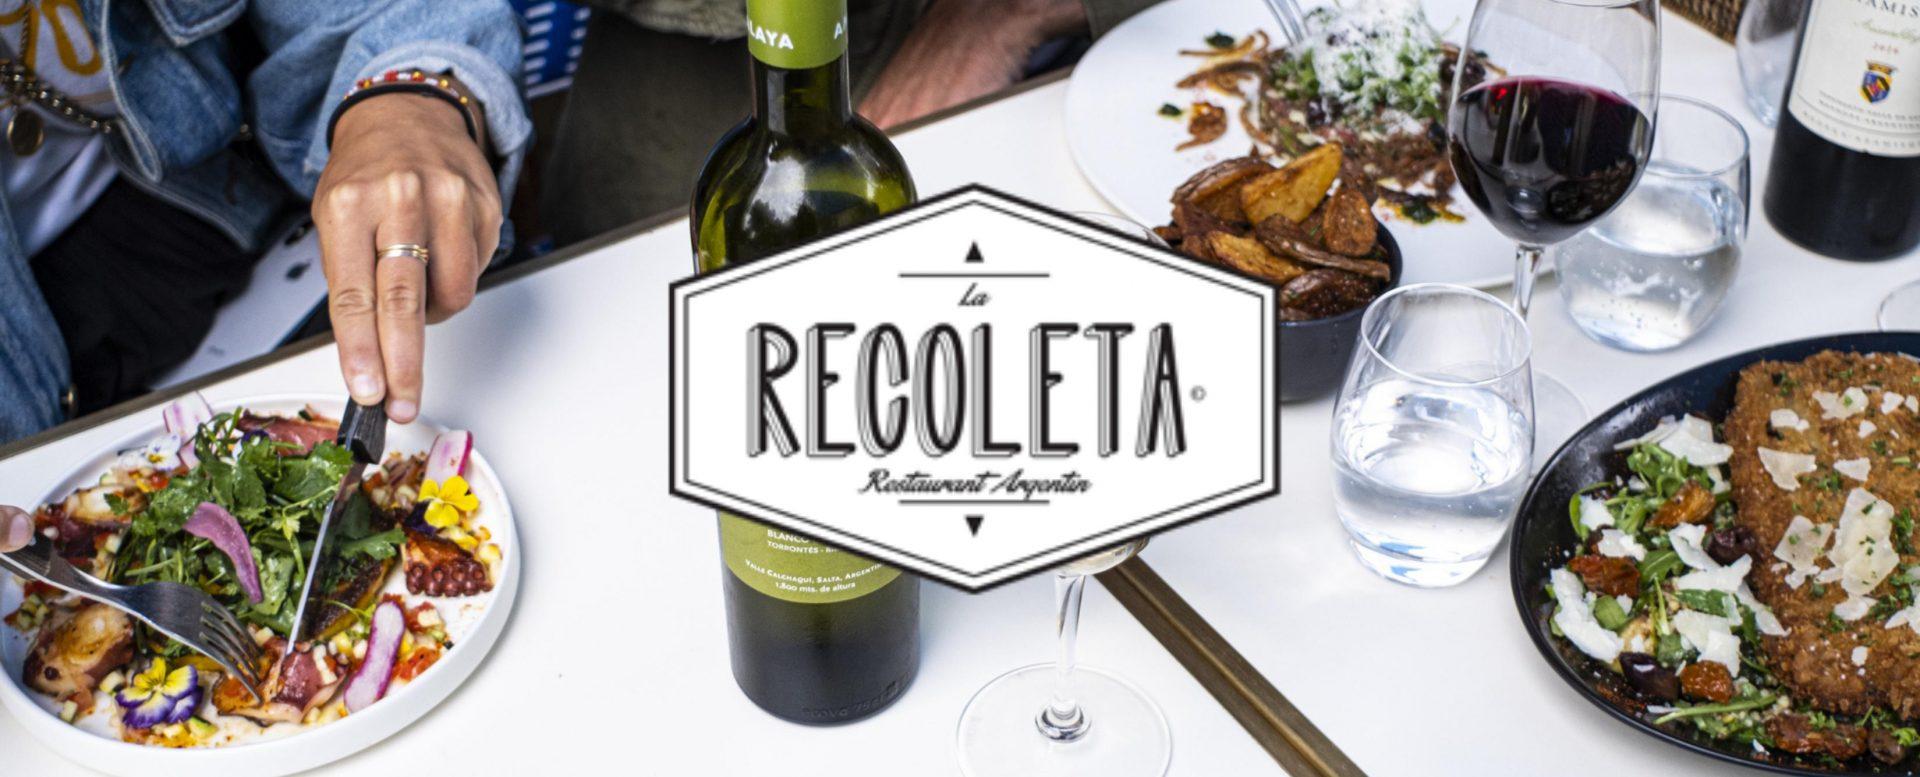 Viande argentine grillée et « Panchos » Street Food à la Recoleta Le Meilleur Chez Vous